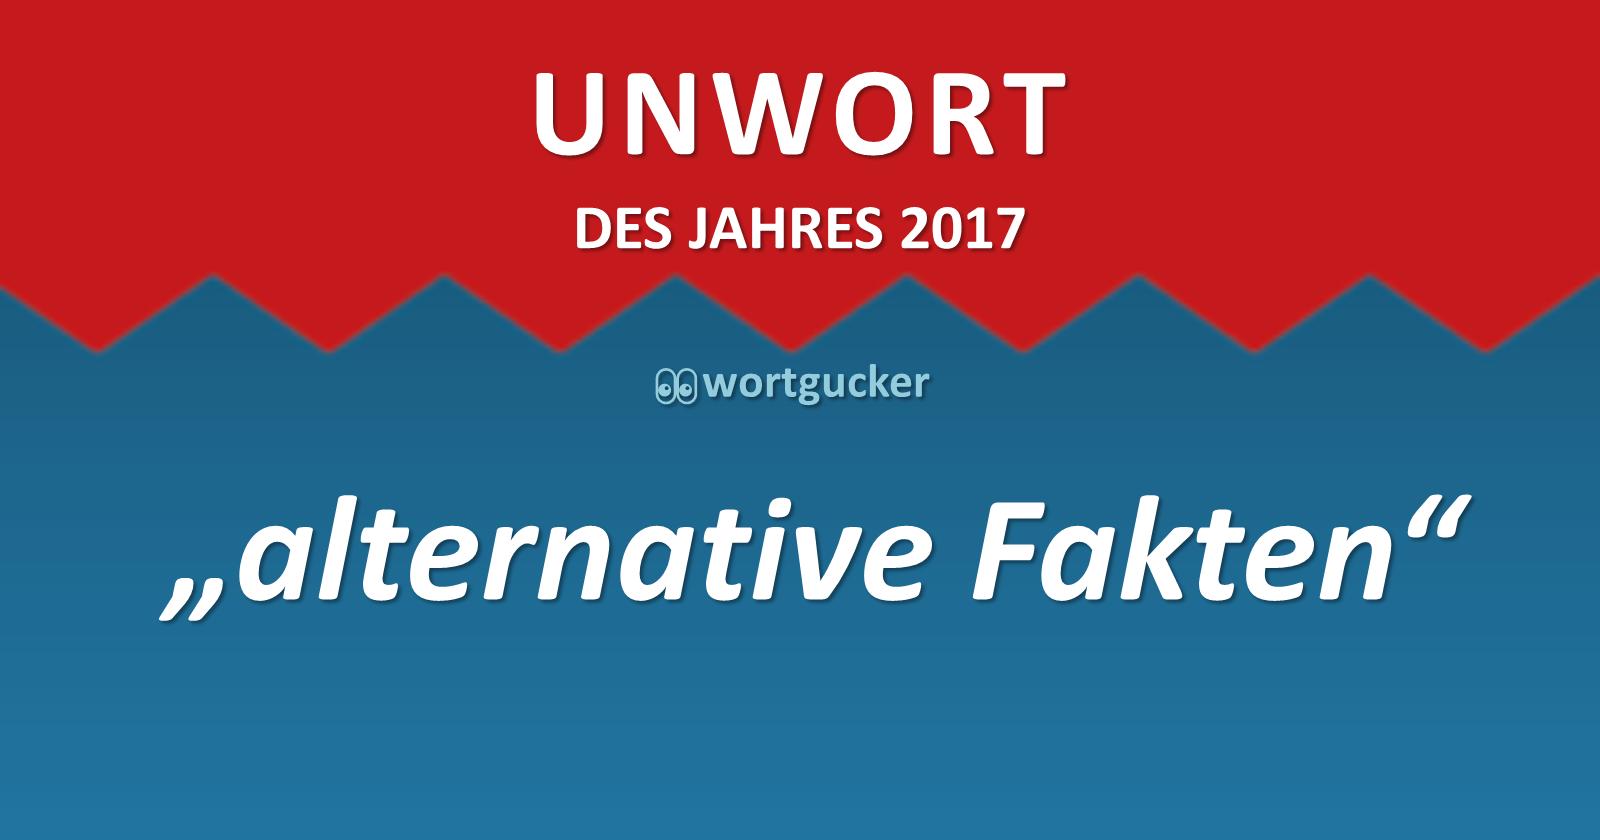 Unwort des Jahres 2017: Alternative Fakten